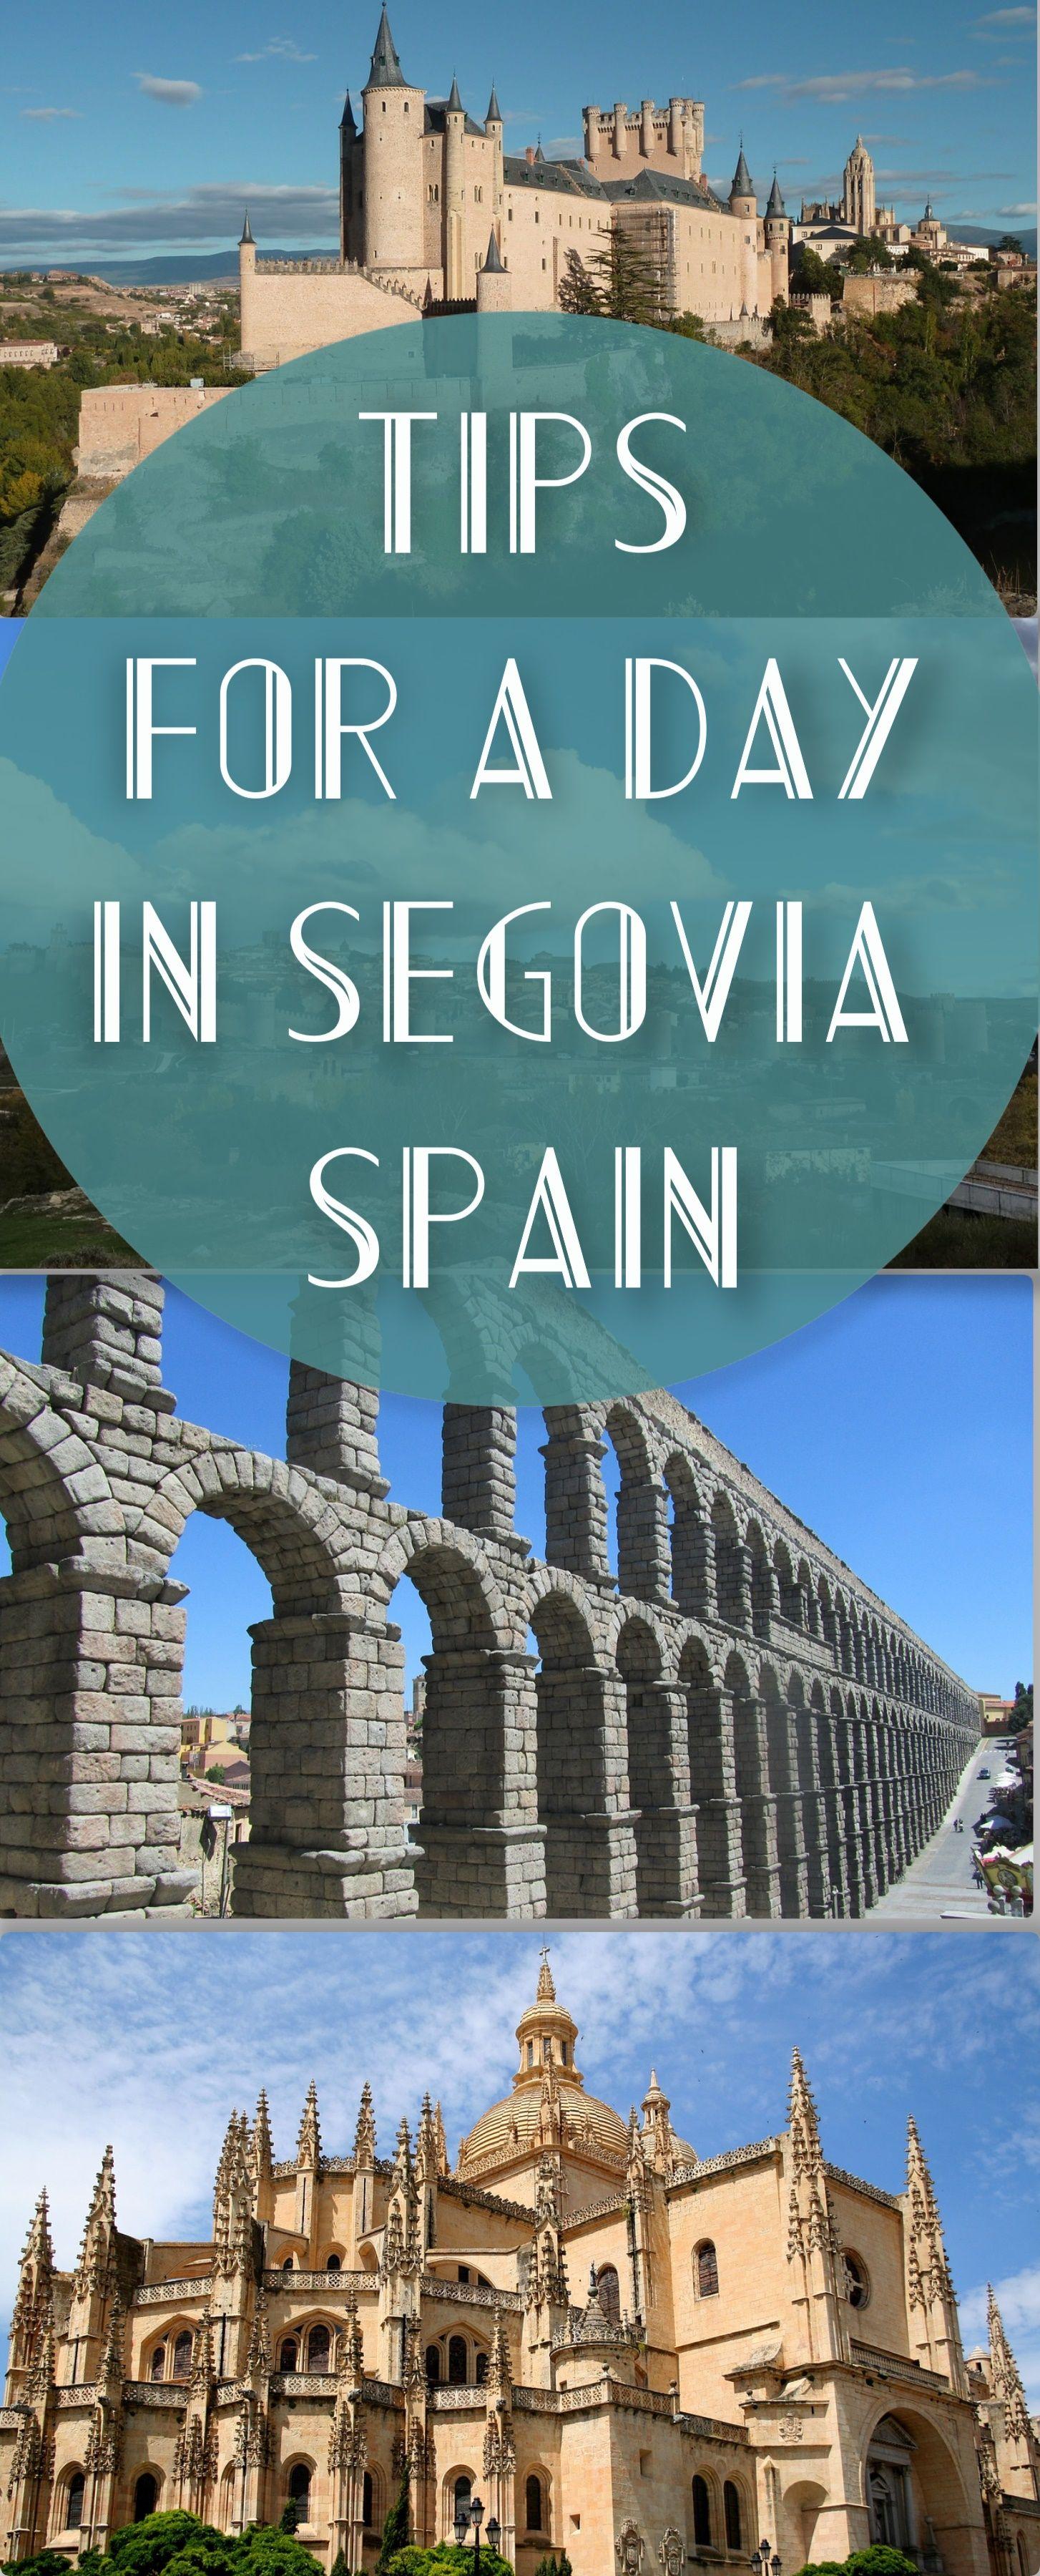 Travel Tips for Segovia, Spain